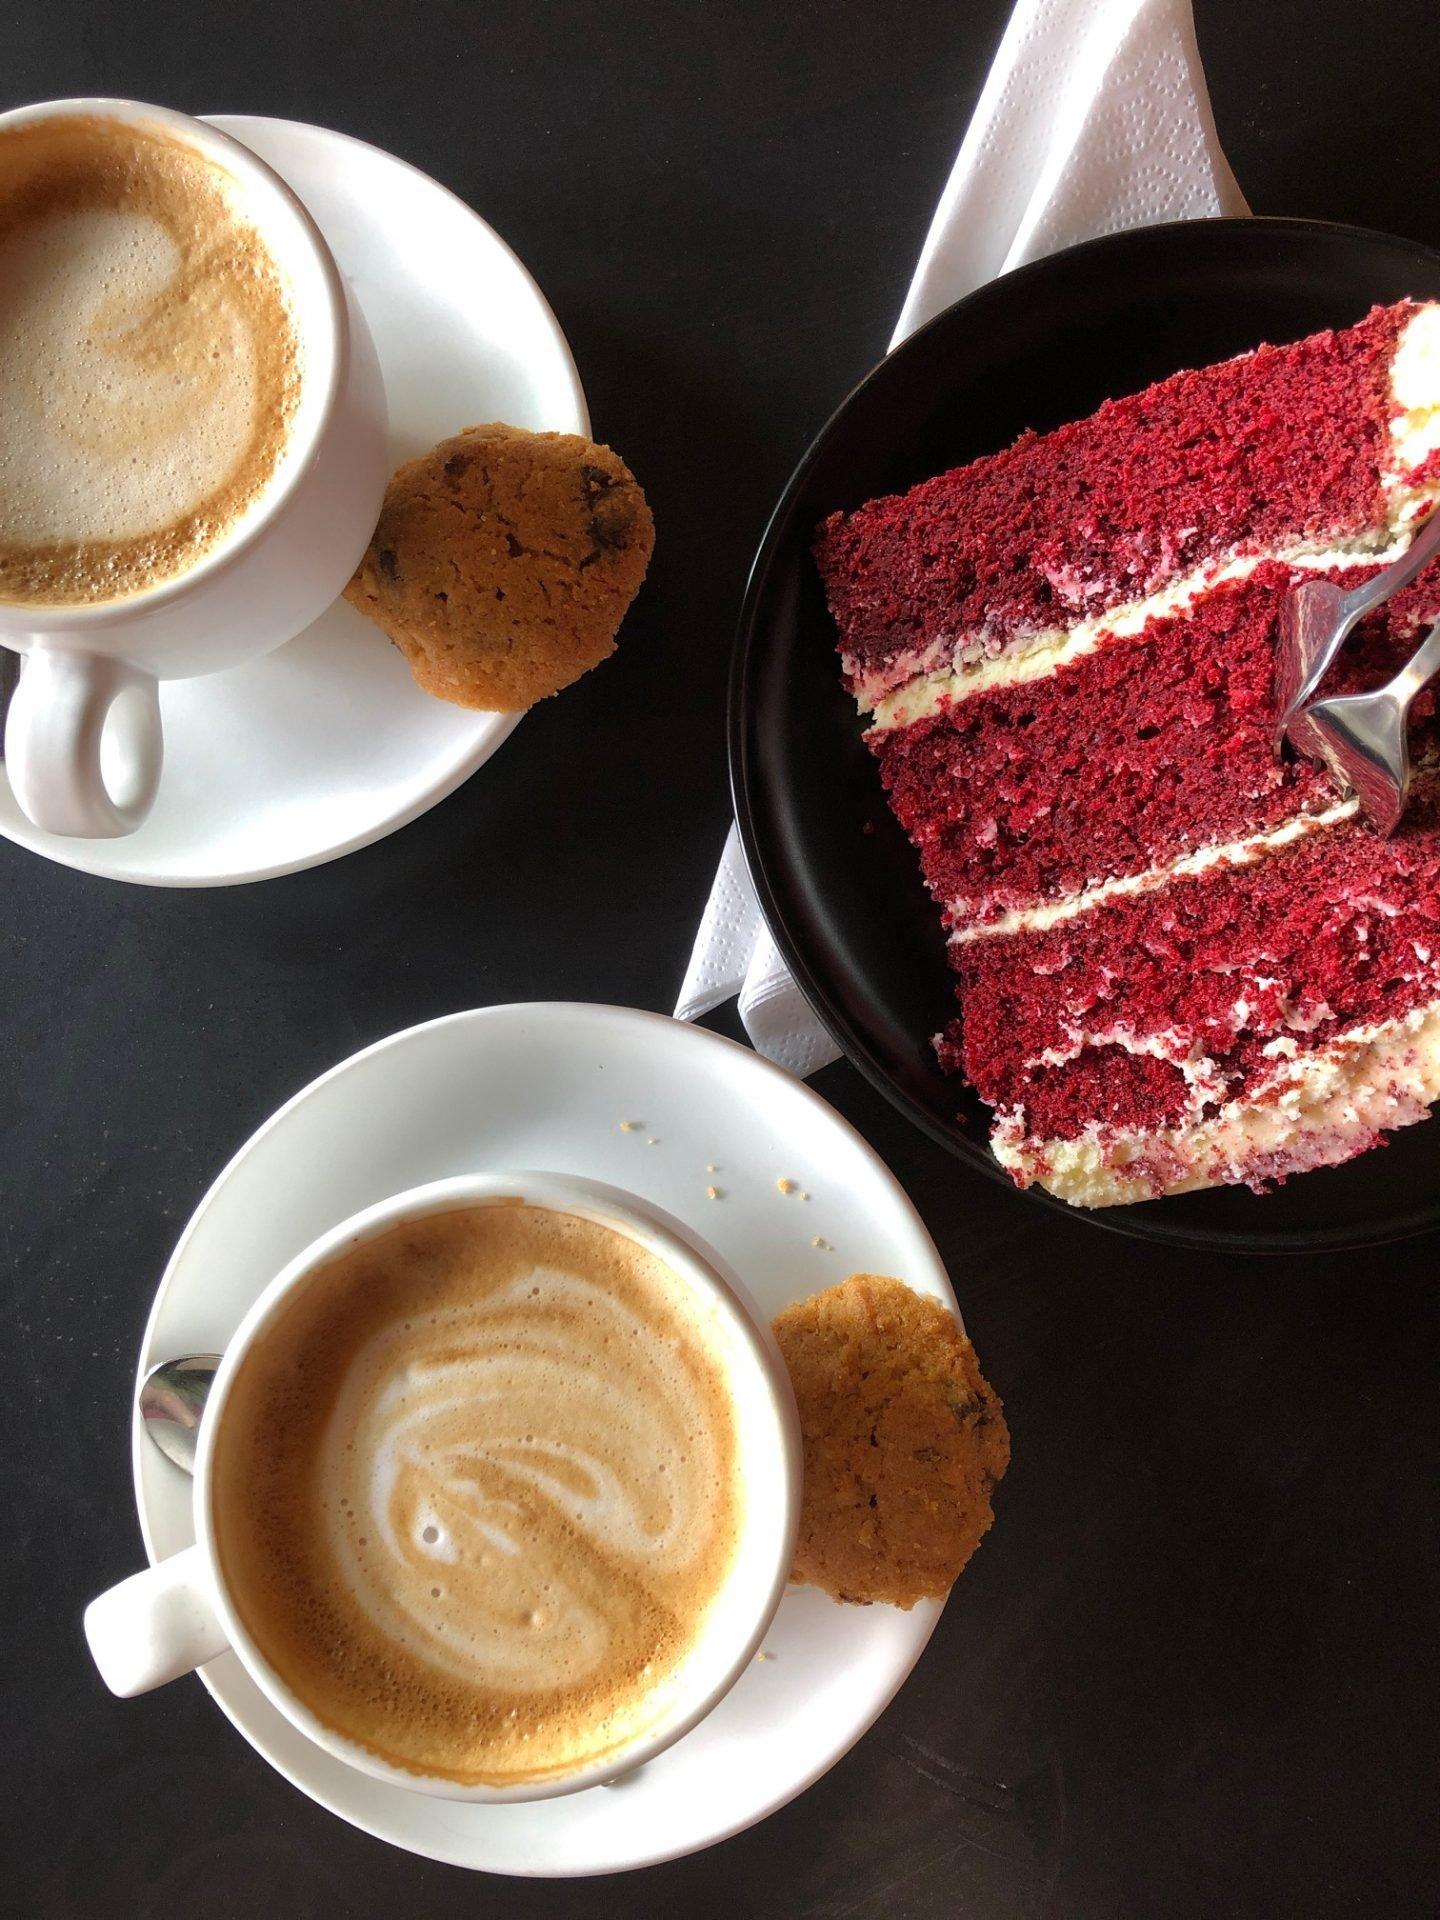 Taart eten bij de Drie Graefjes - Ontdek Amsterdam op de fiets - Leuk dagje uit tips van Foodinista